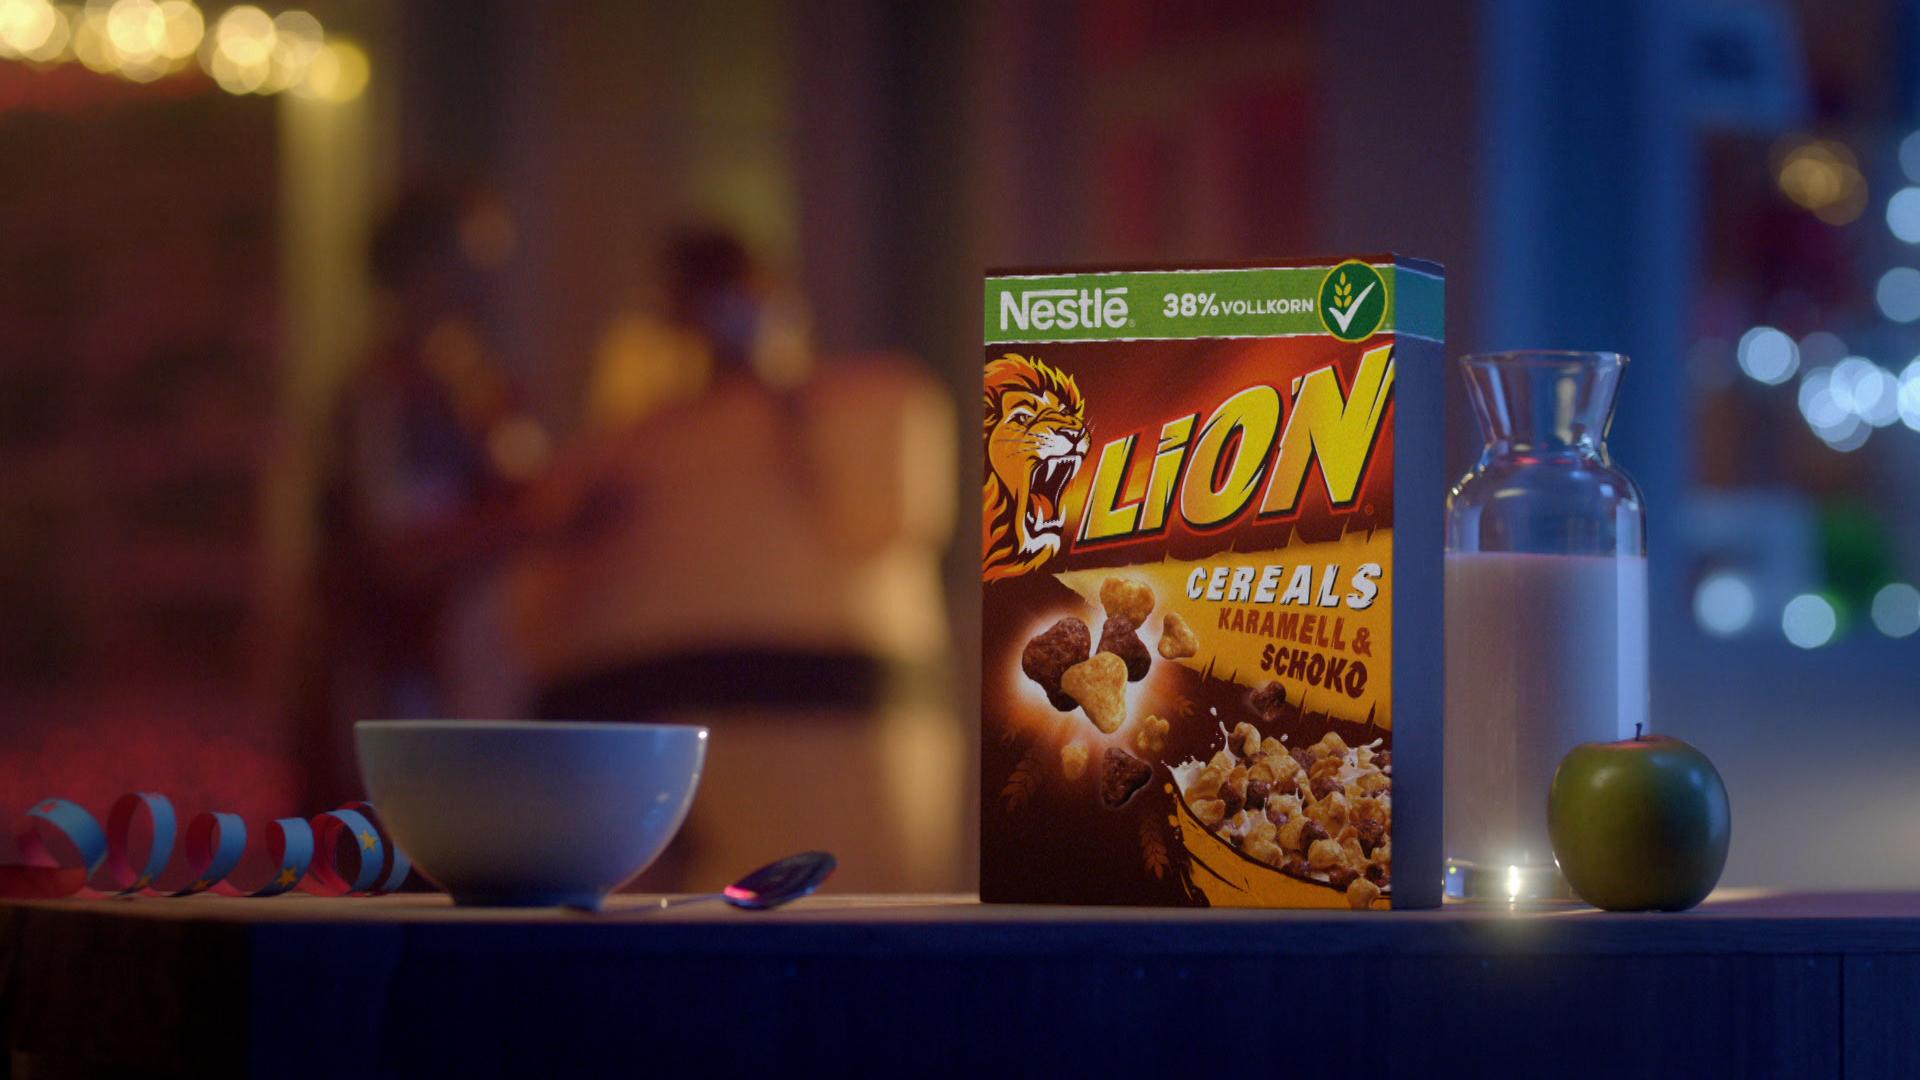 Lion Cereals Sponsoring